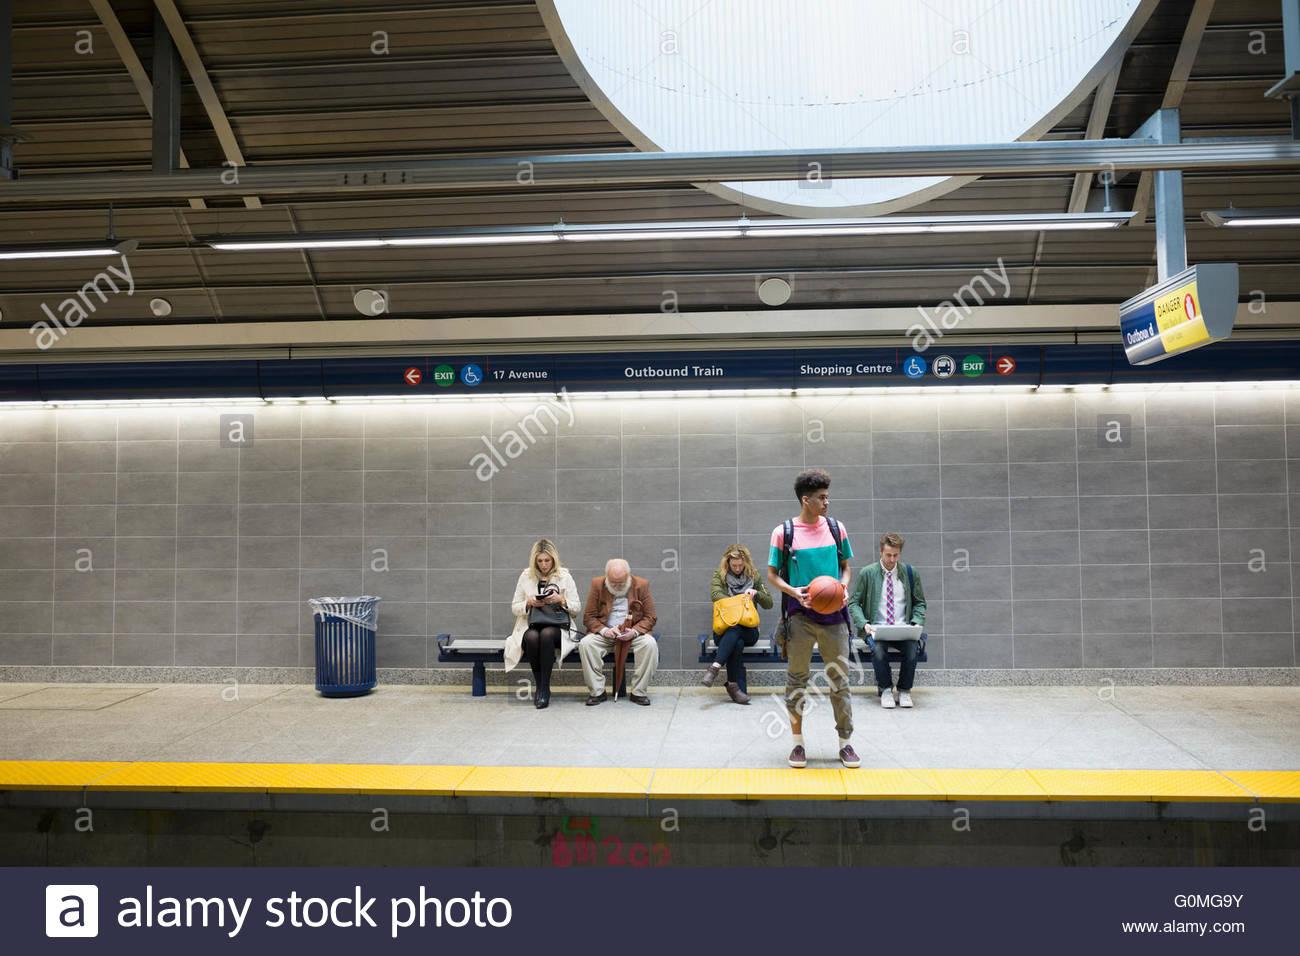 People waiting on subway station platform - Stock Image